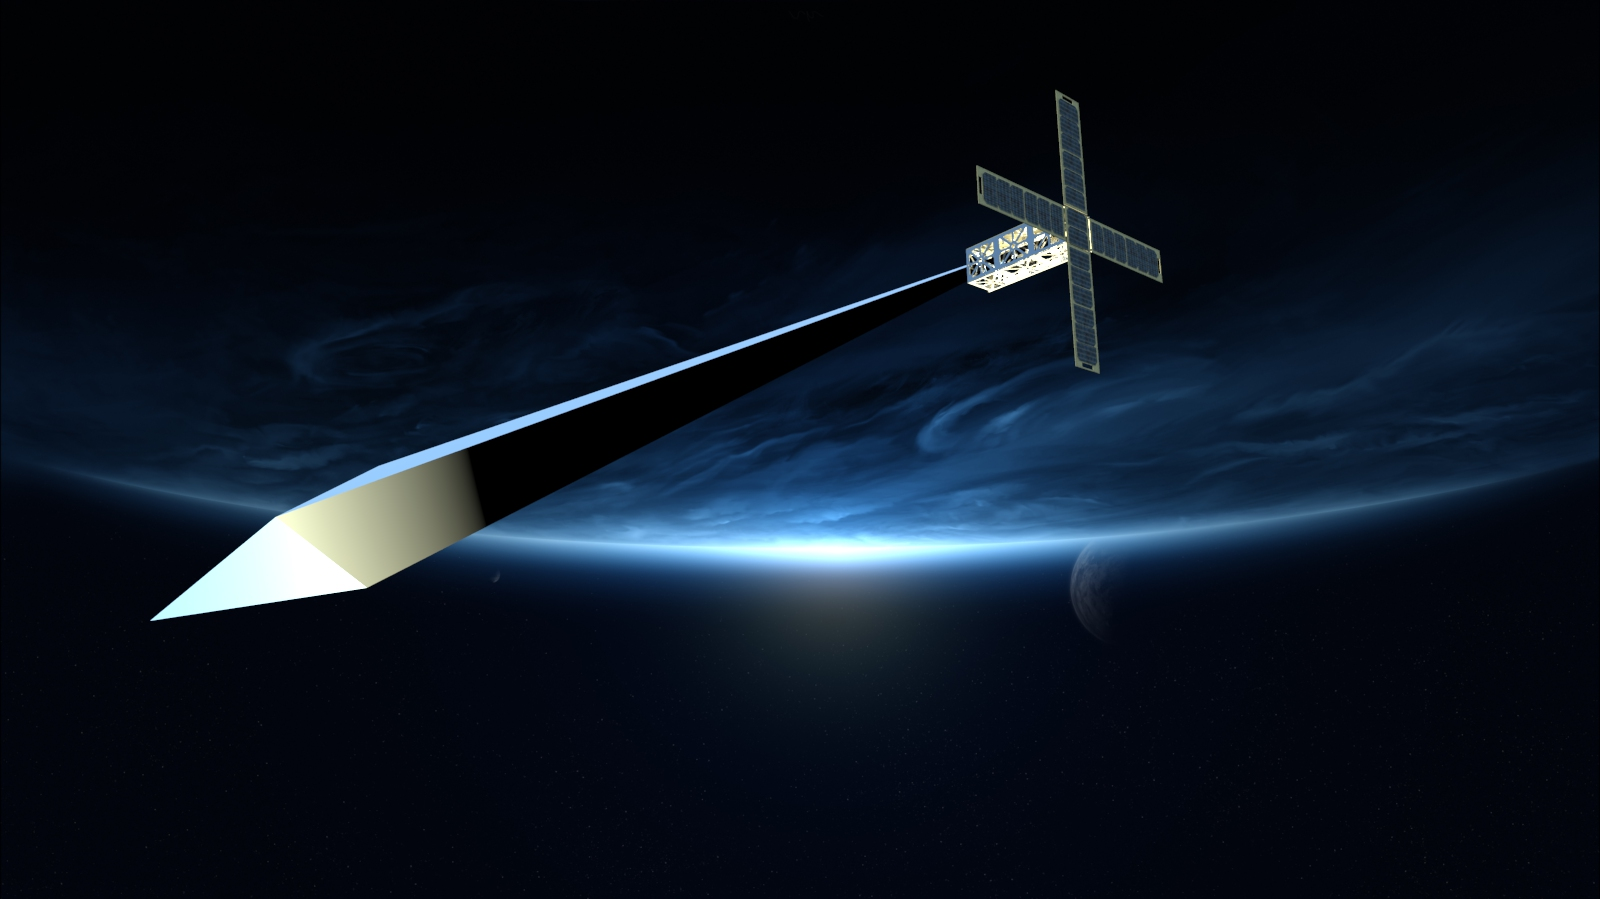 Trevor Paglen, Orbital Reflector , 2018, digital rendering. Copyright of the artist and Nevada Museum of Art